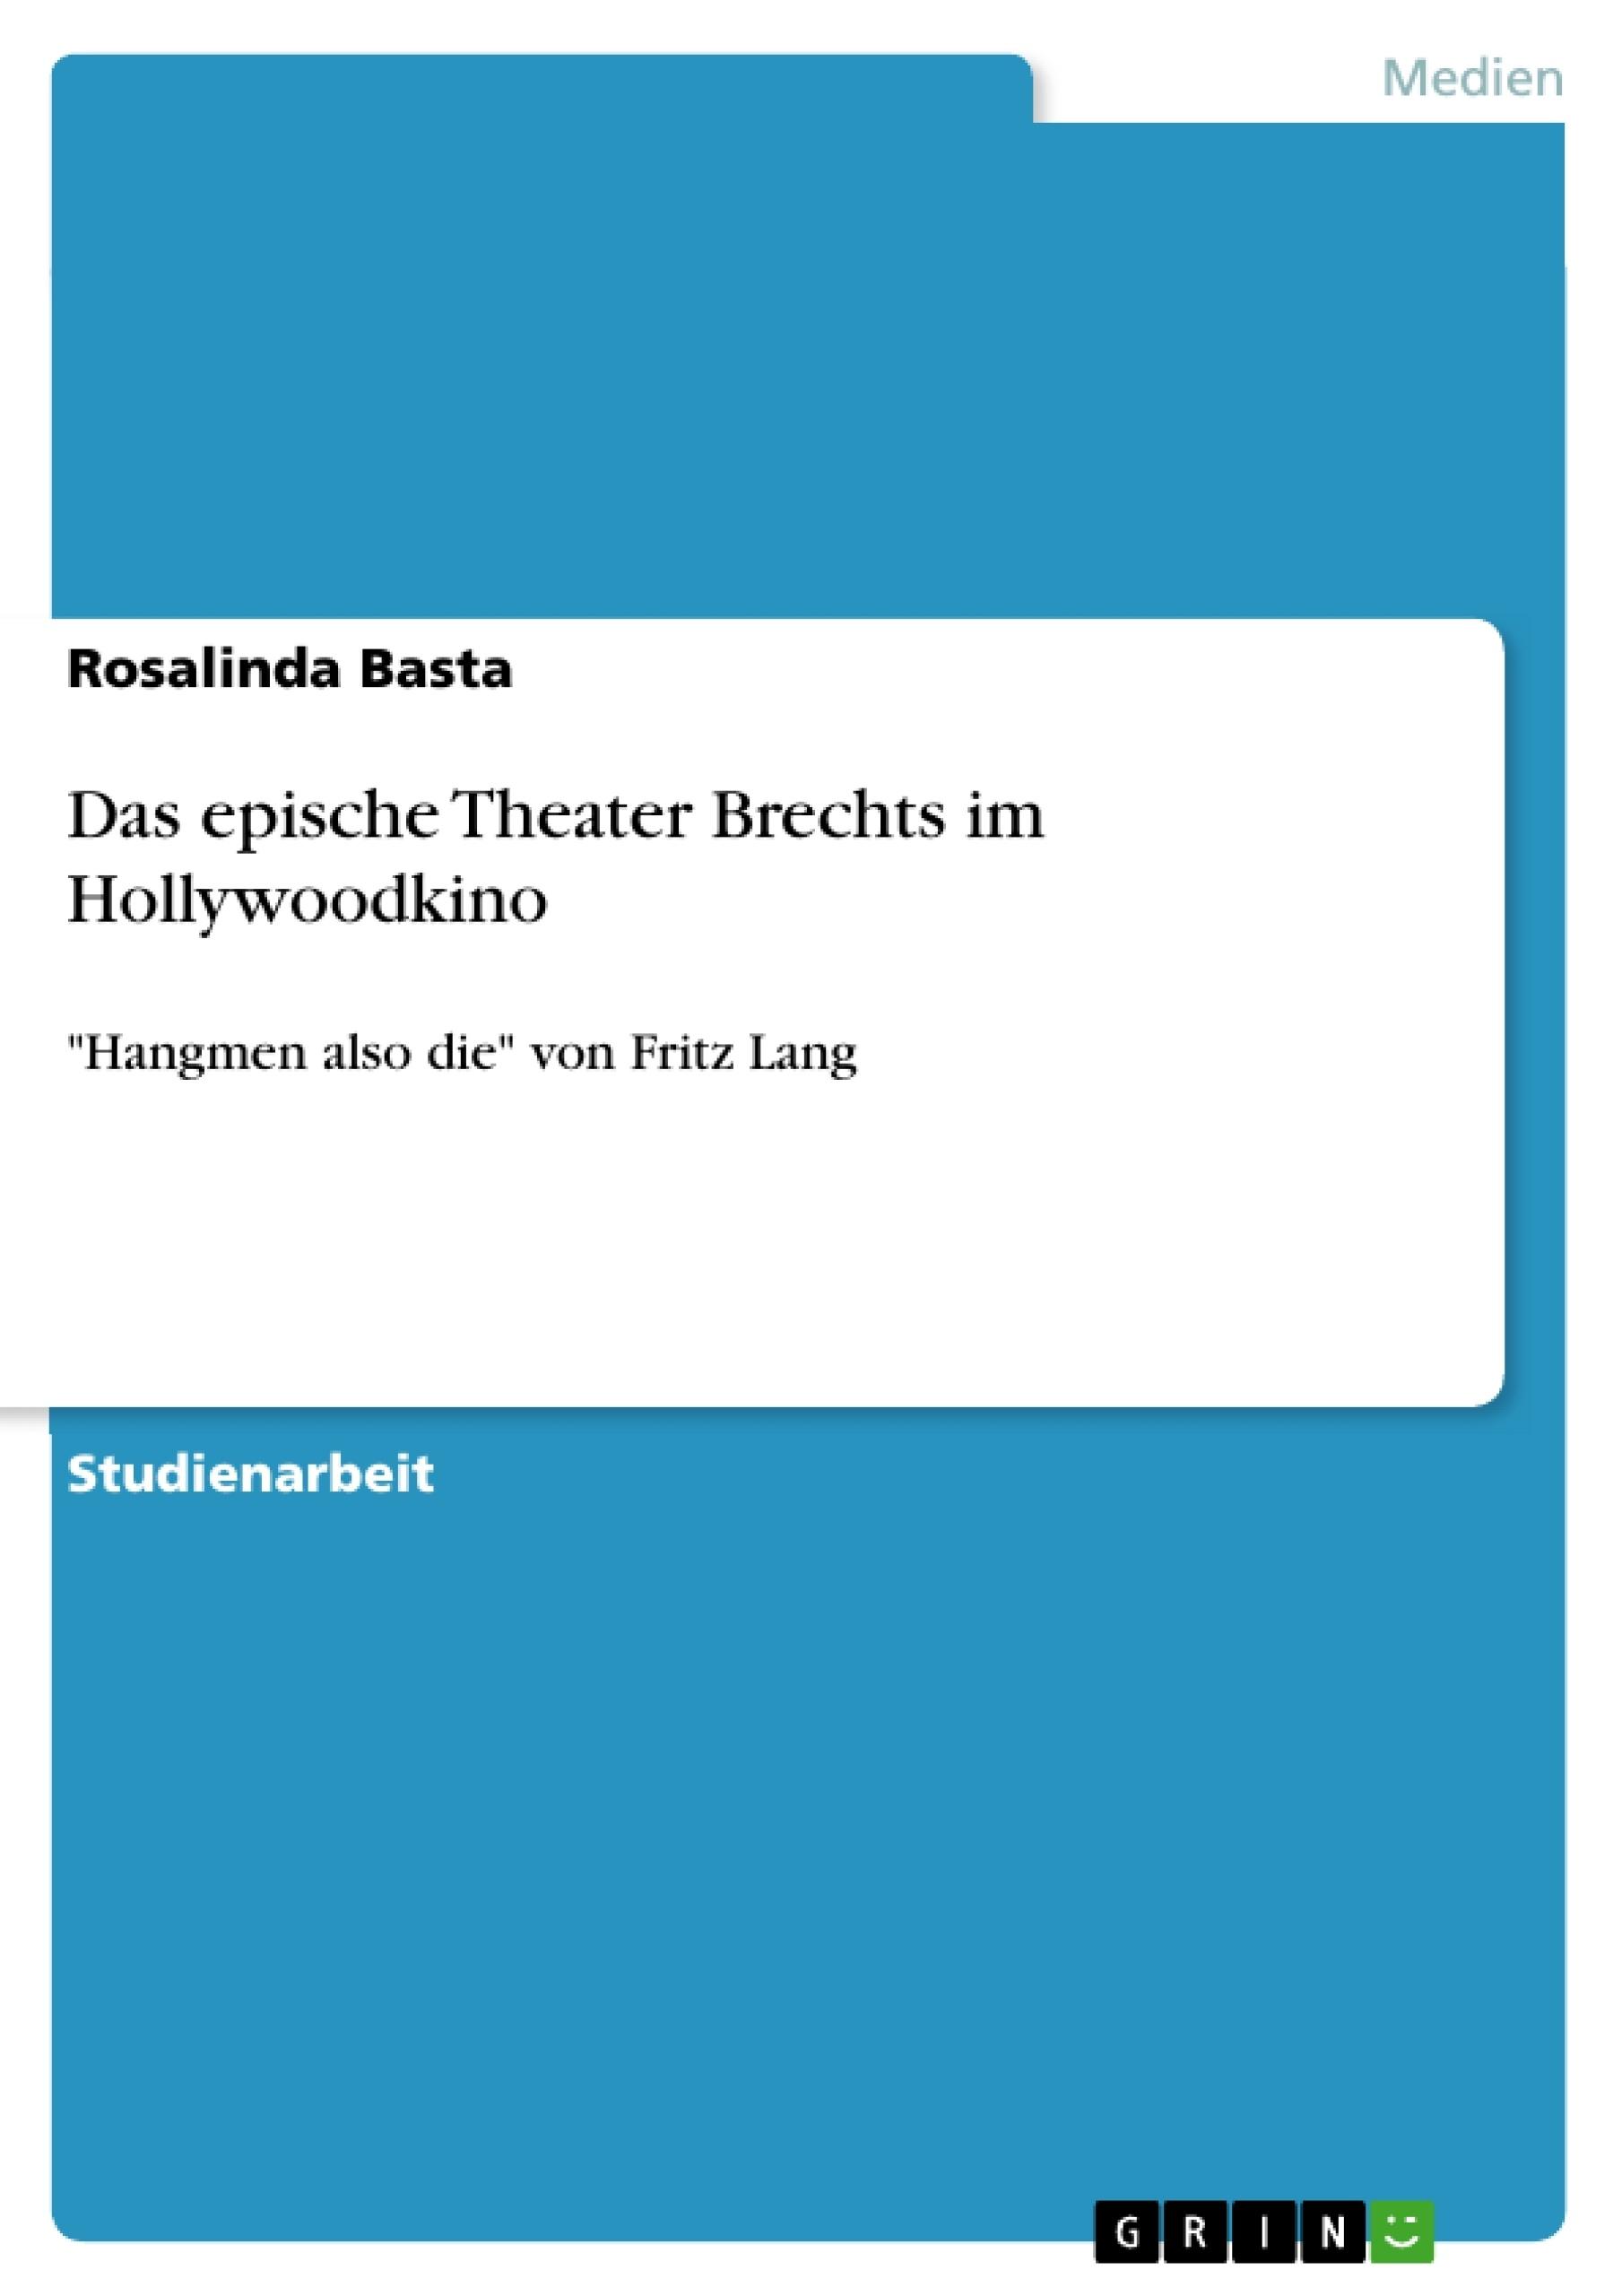 Titel: Das epische Theater Brechts im Hollywoodkino